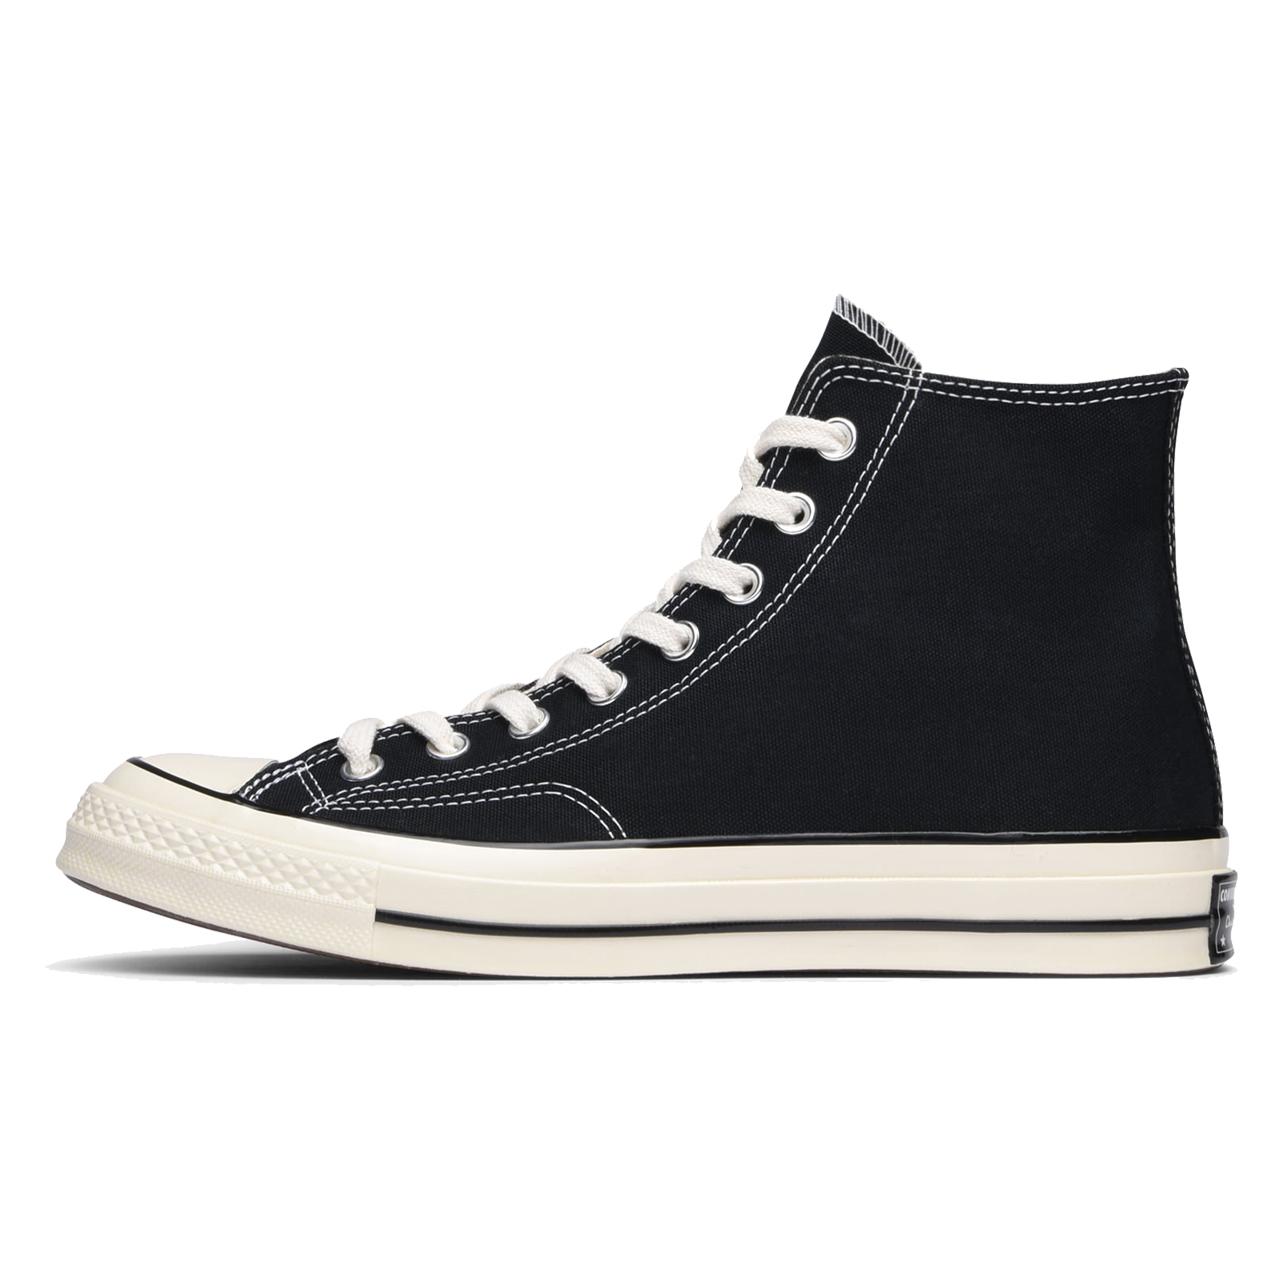 قیمت کفش مخصوص پیاده روی مردانه کانورس مدل 142334C-001